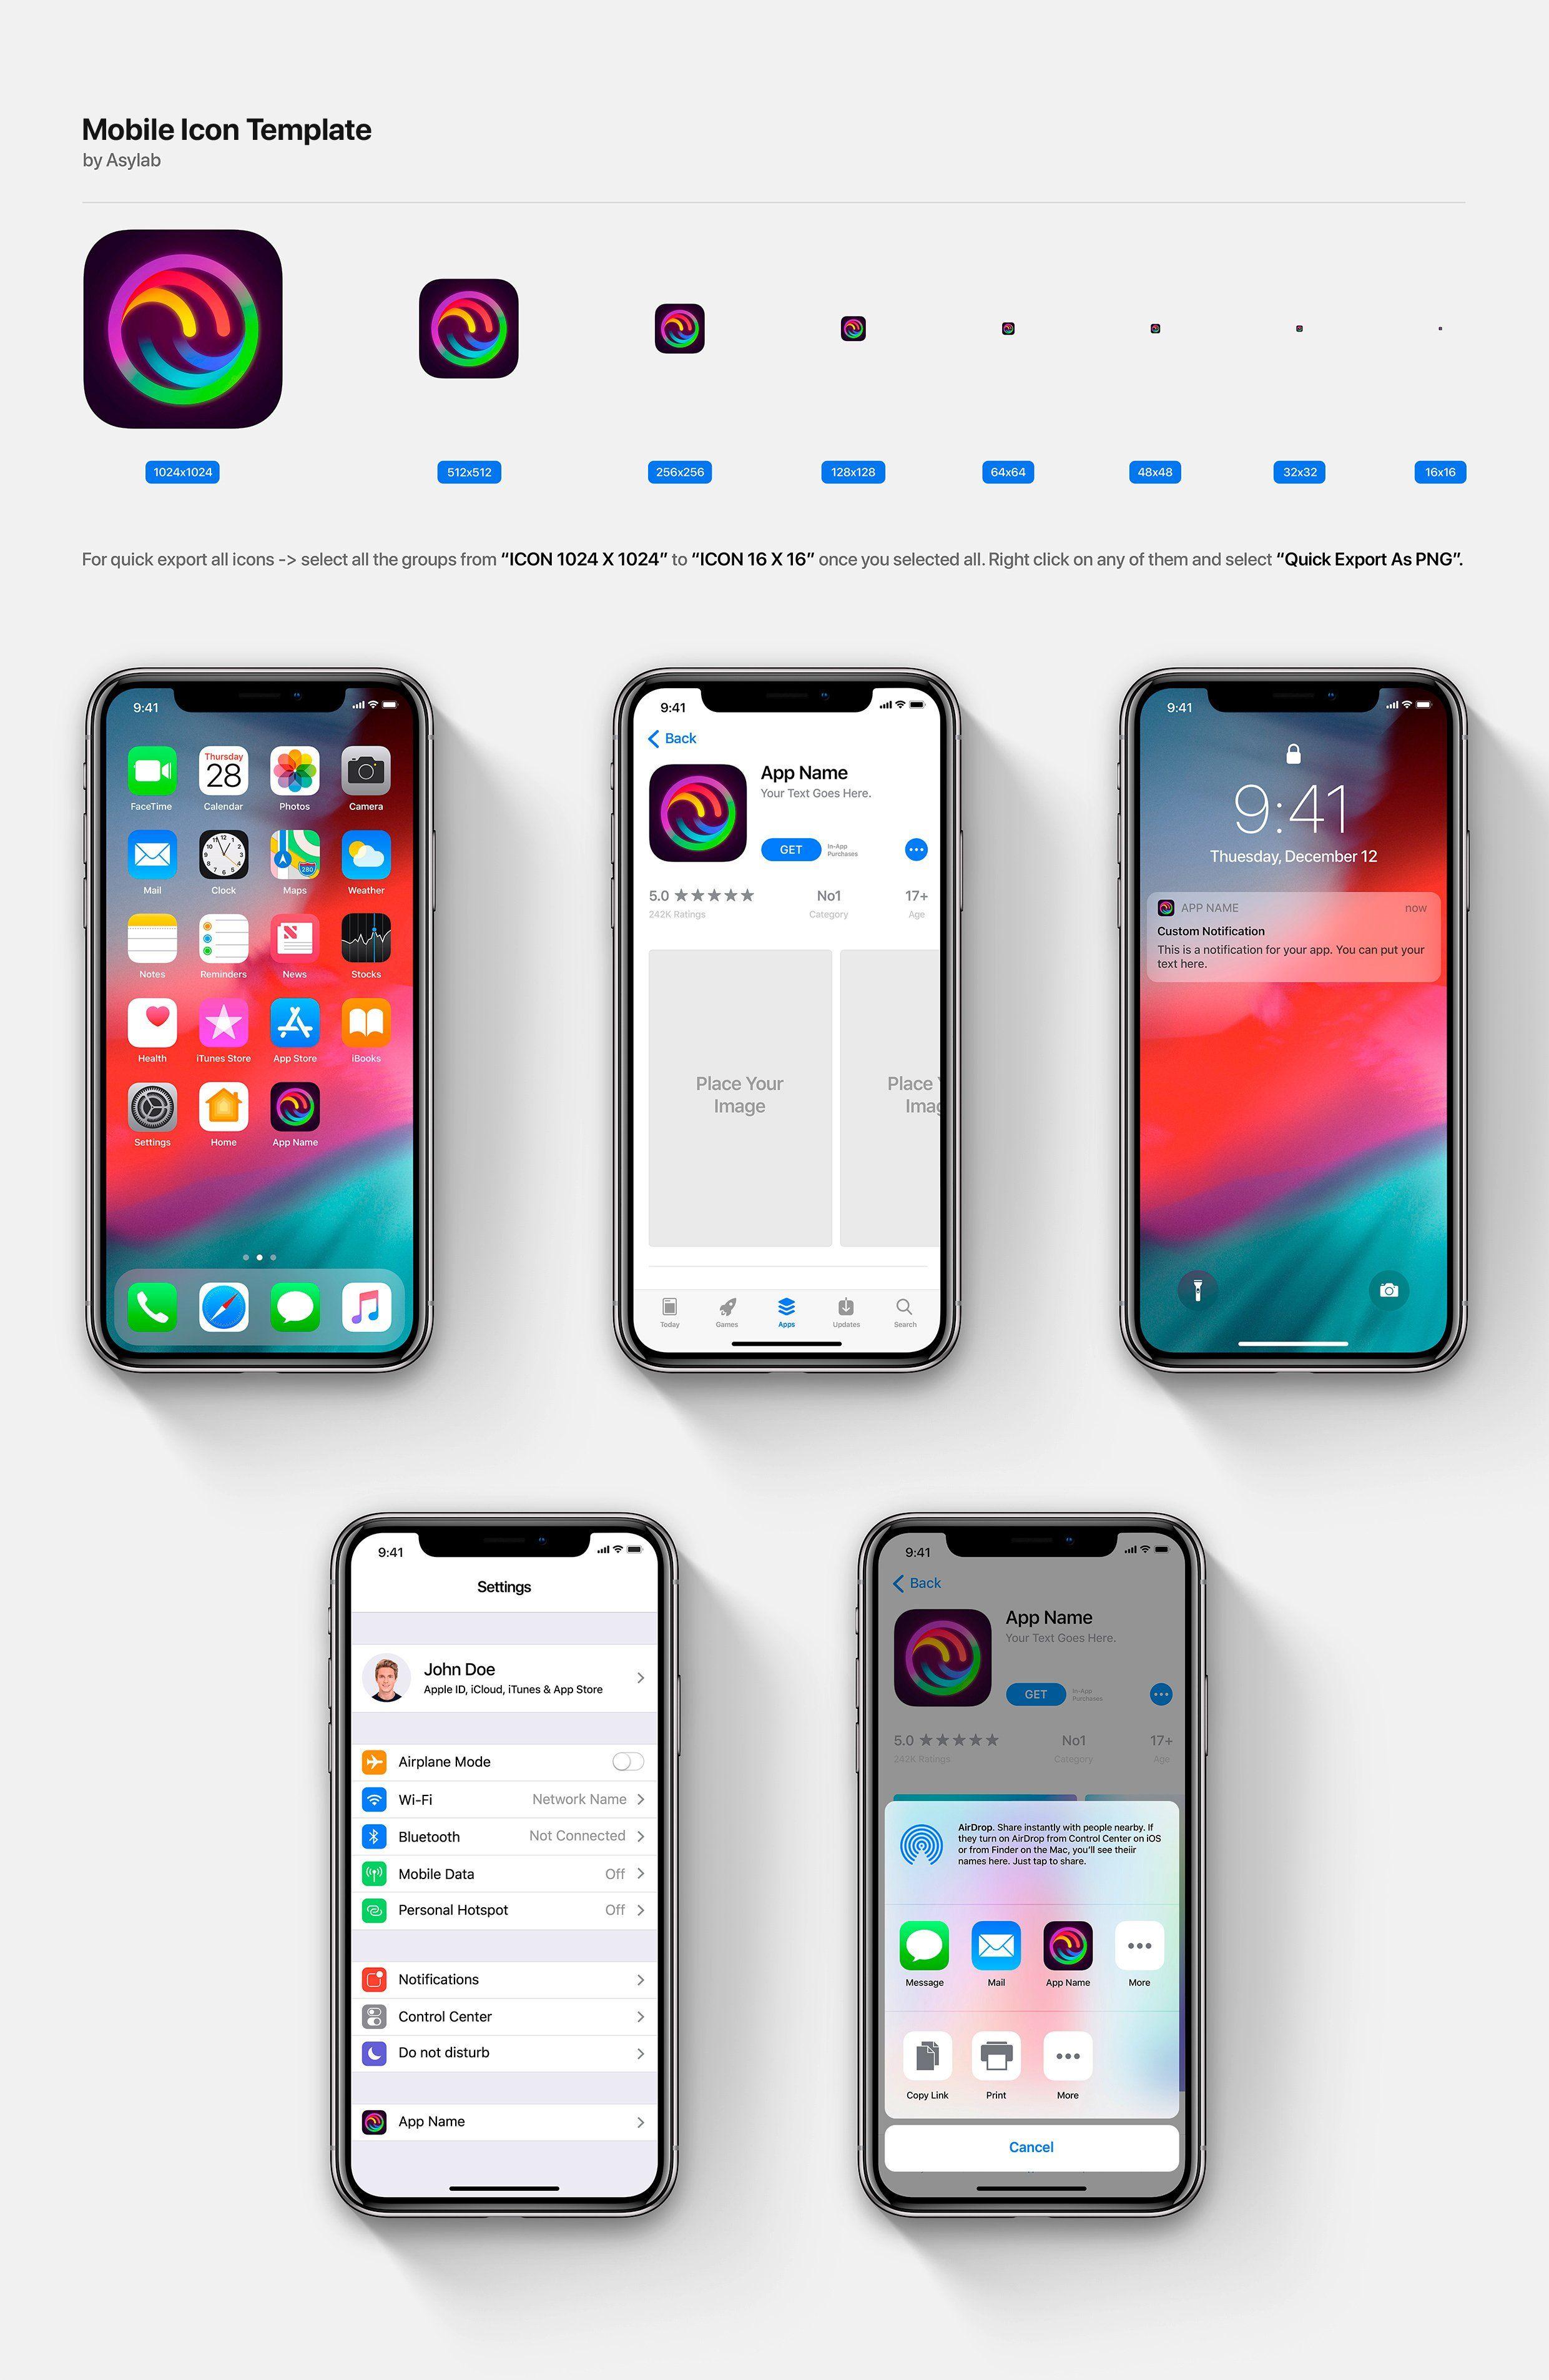 Desktop Os Mobiie Icon Template Ios Icon Themes For Mobile Ios App Icon Design